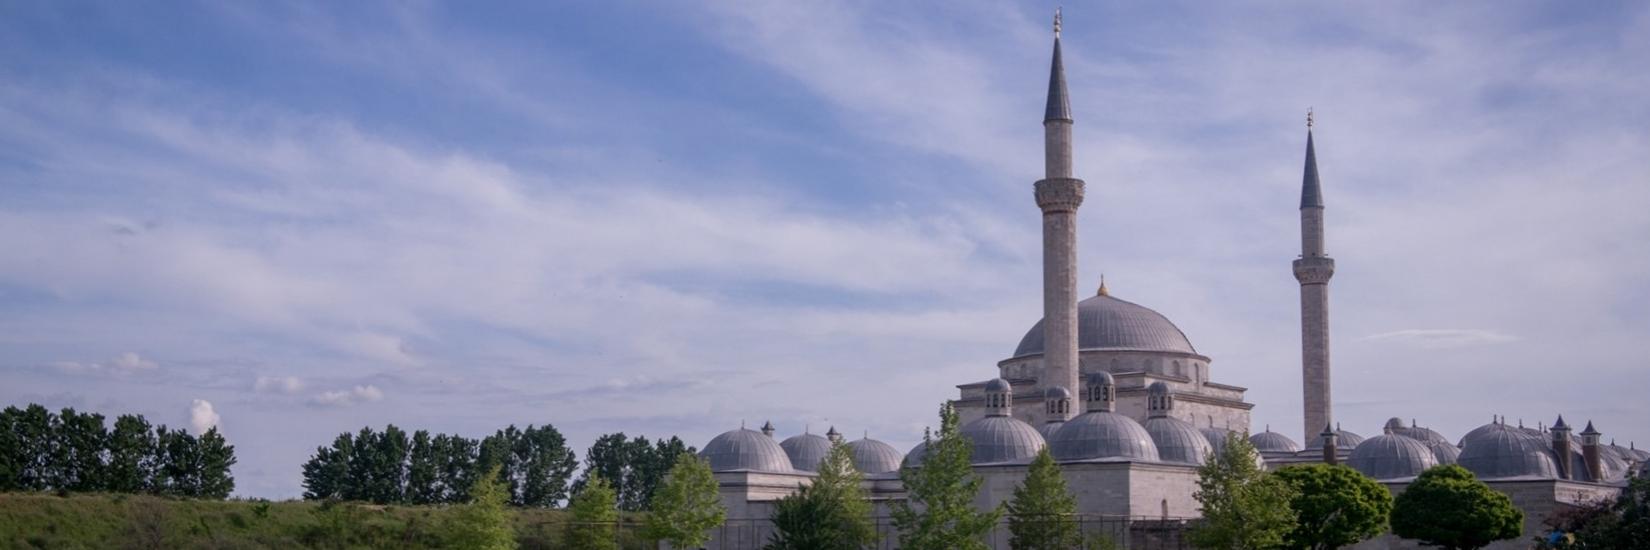 터키 에데르네 성당전경